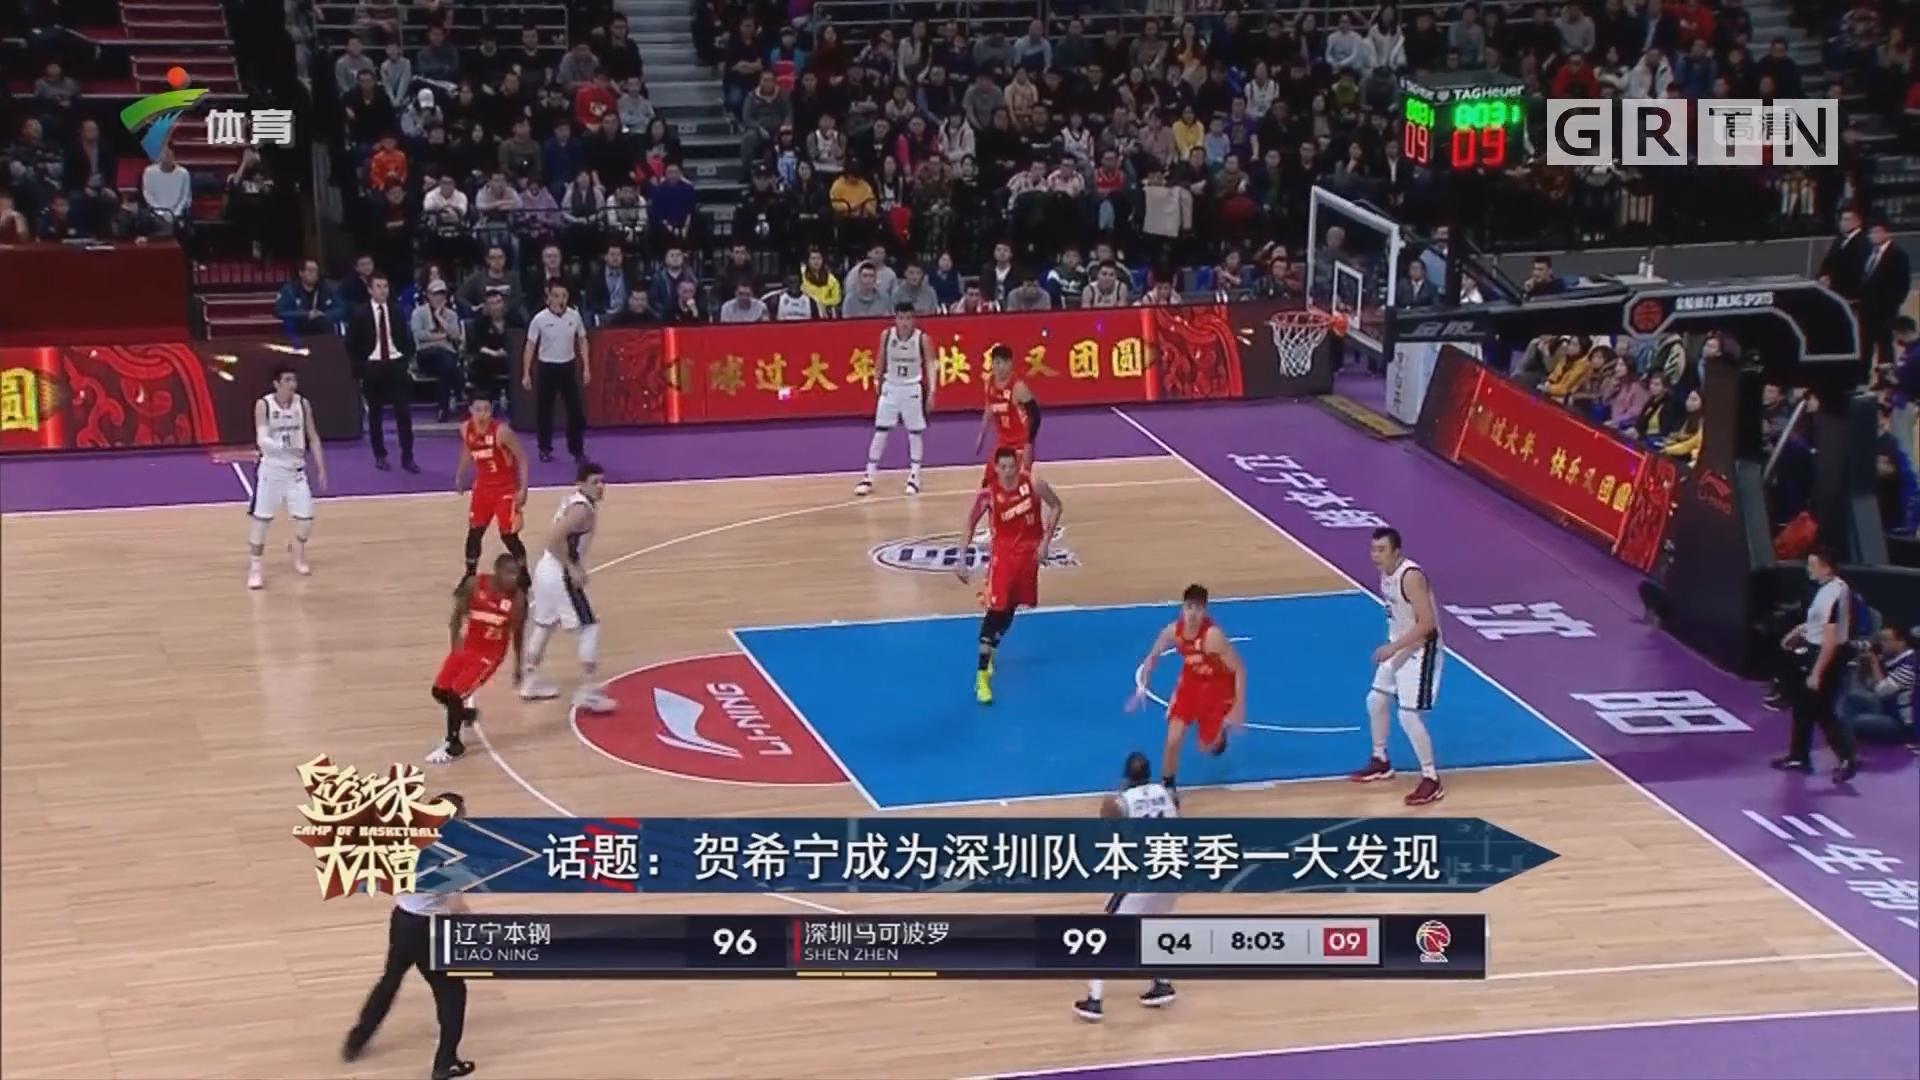 话题:贺希宁成为深圳队本赛季一大发现